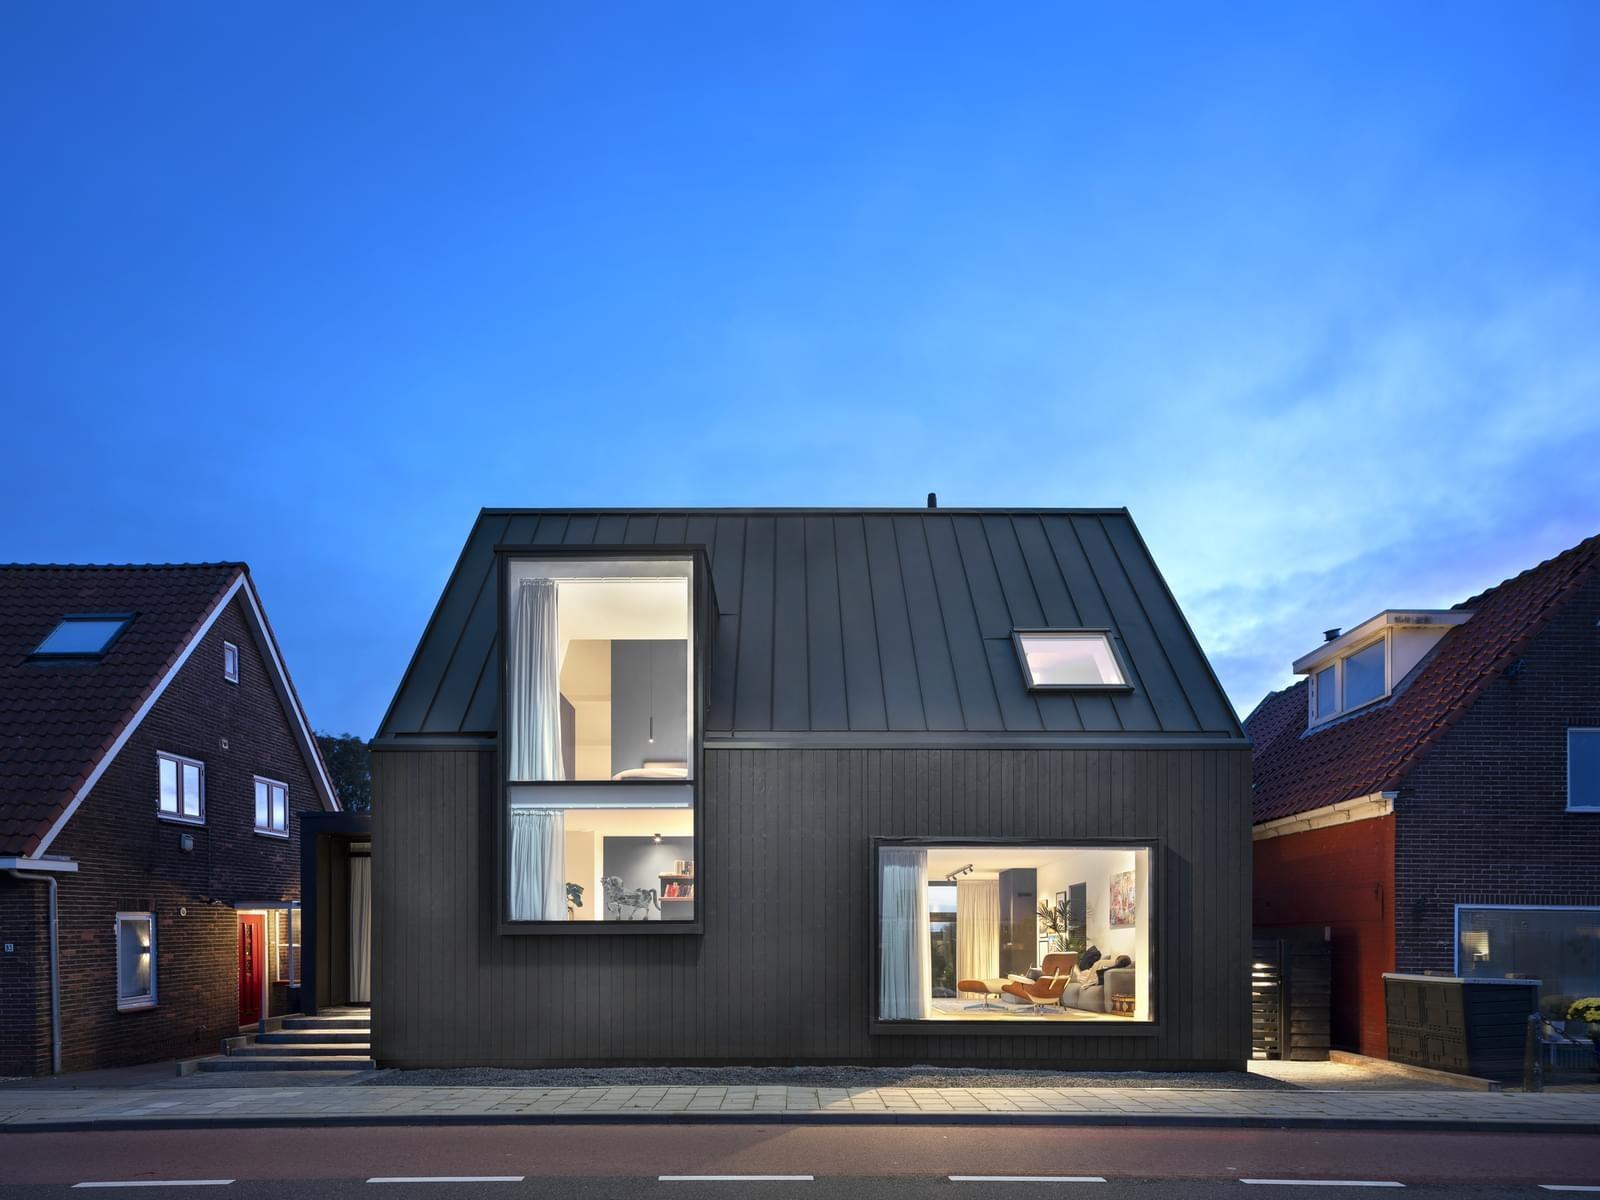 Къща в Холандия с прекрасен интериор и екстериор